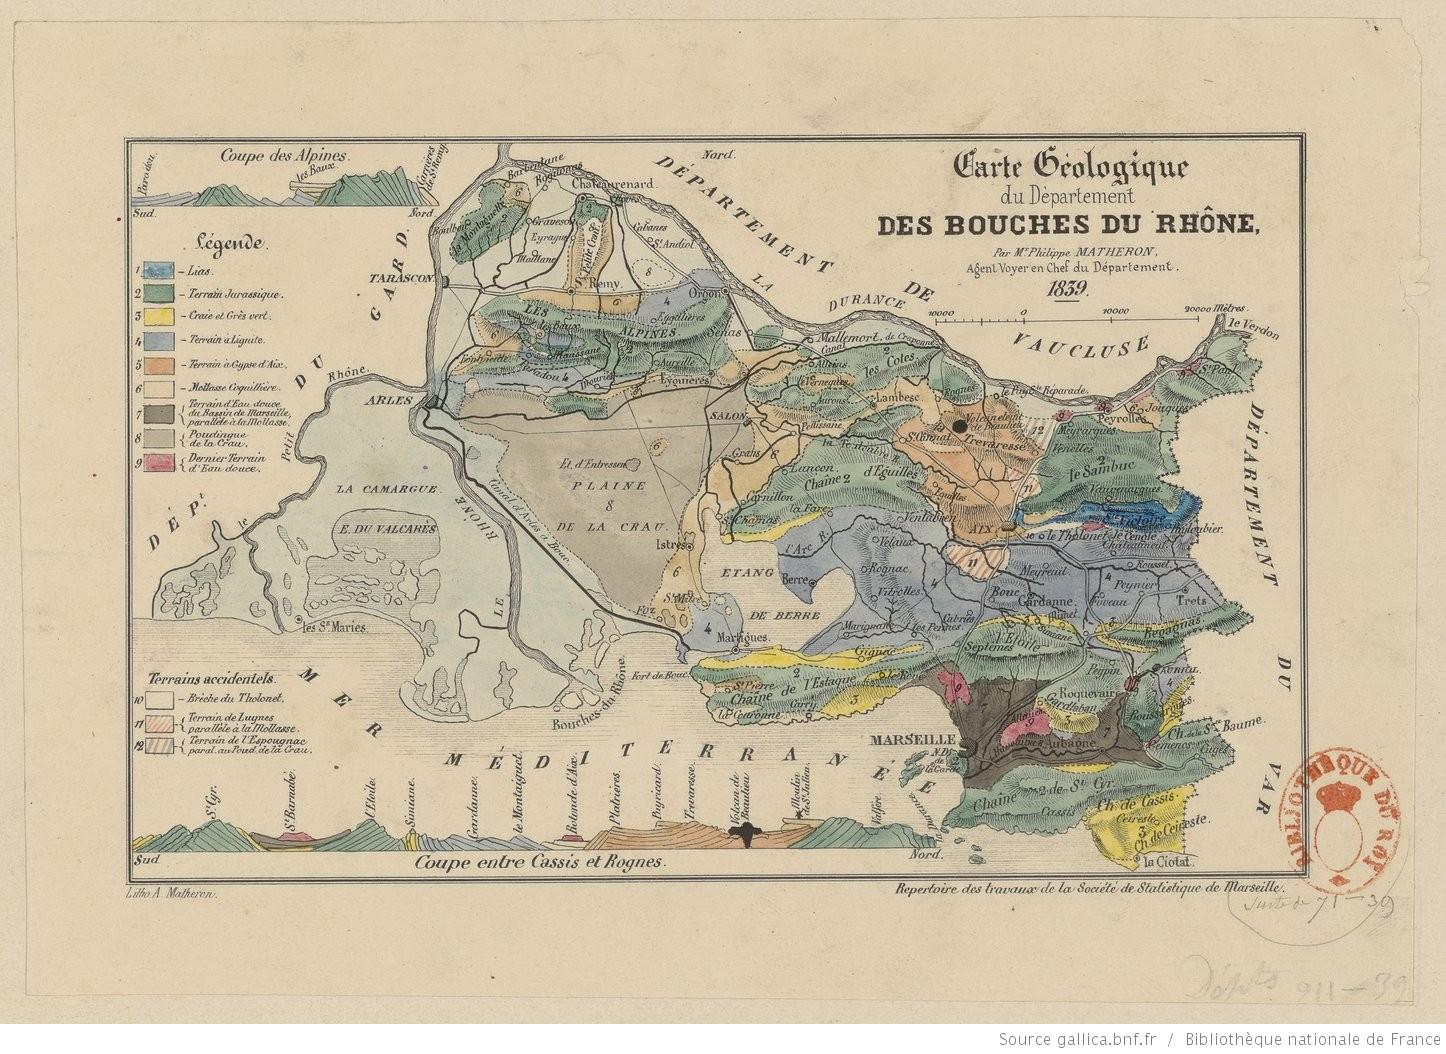 Fichiercarte Géologique Du Département Des Bouches Du Rhône